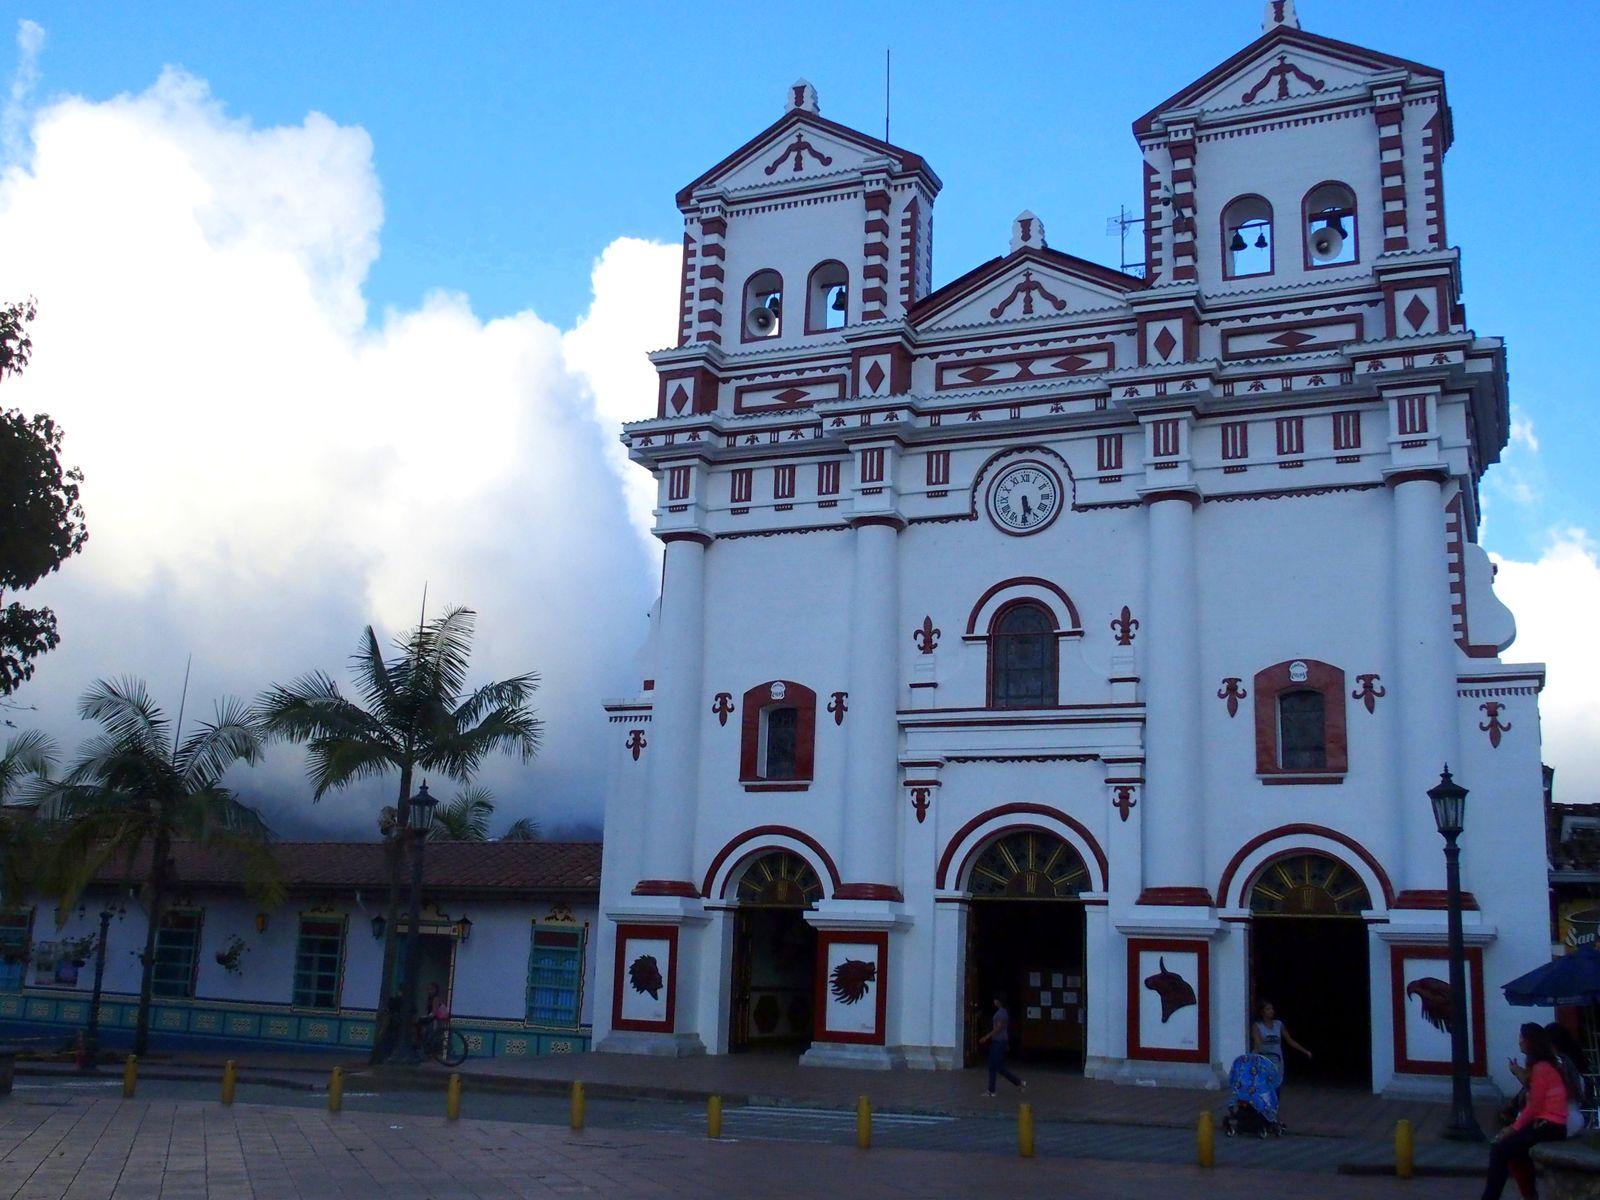 Visiter Salento et son église